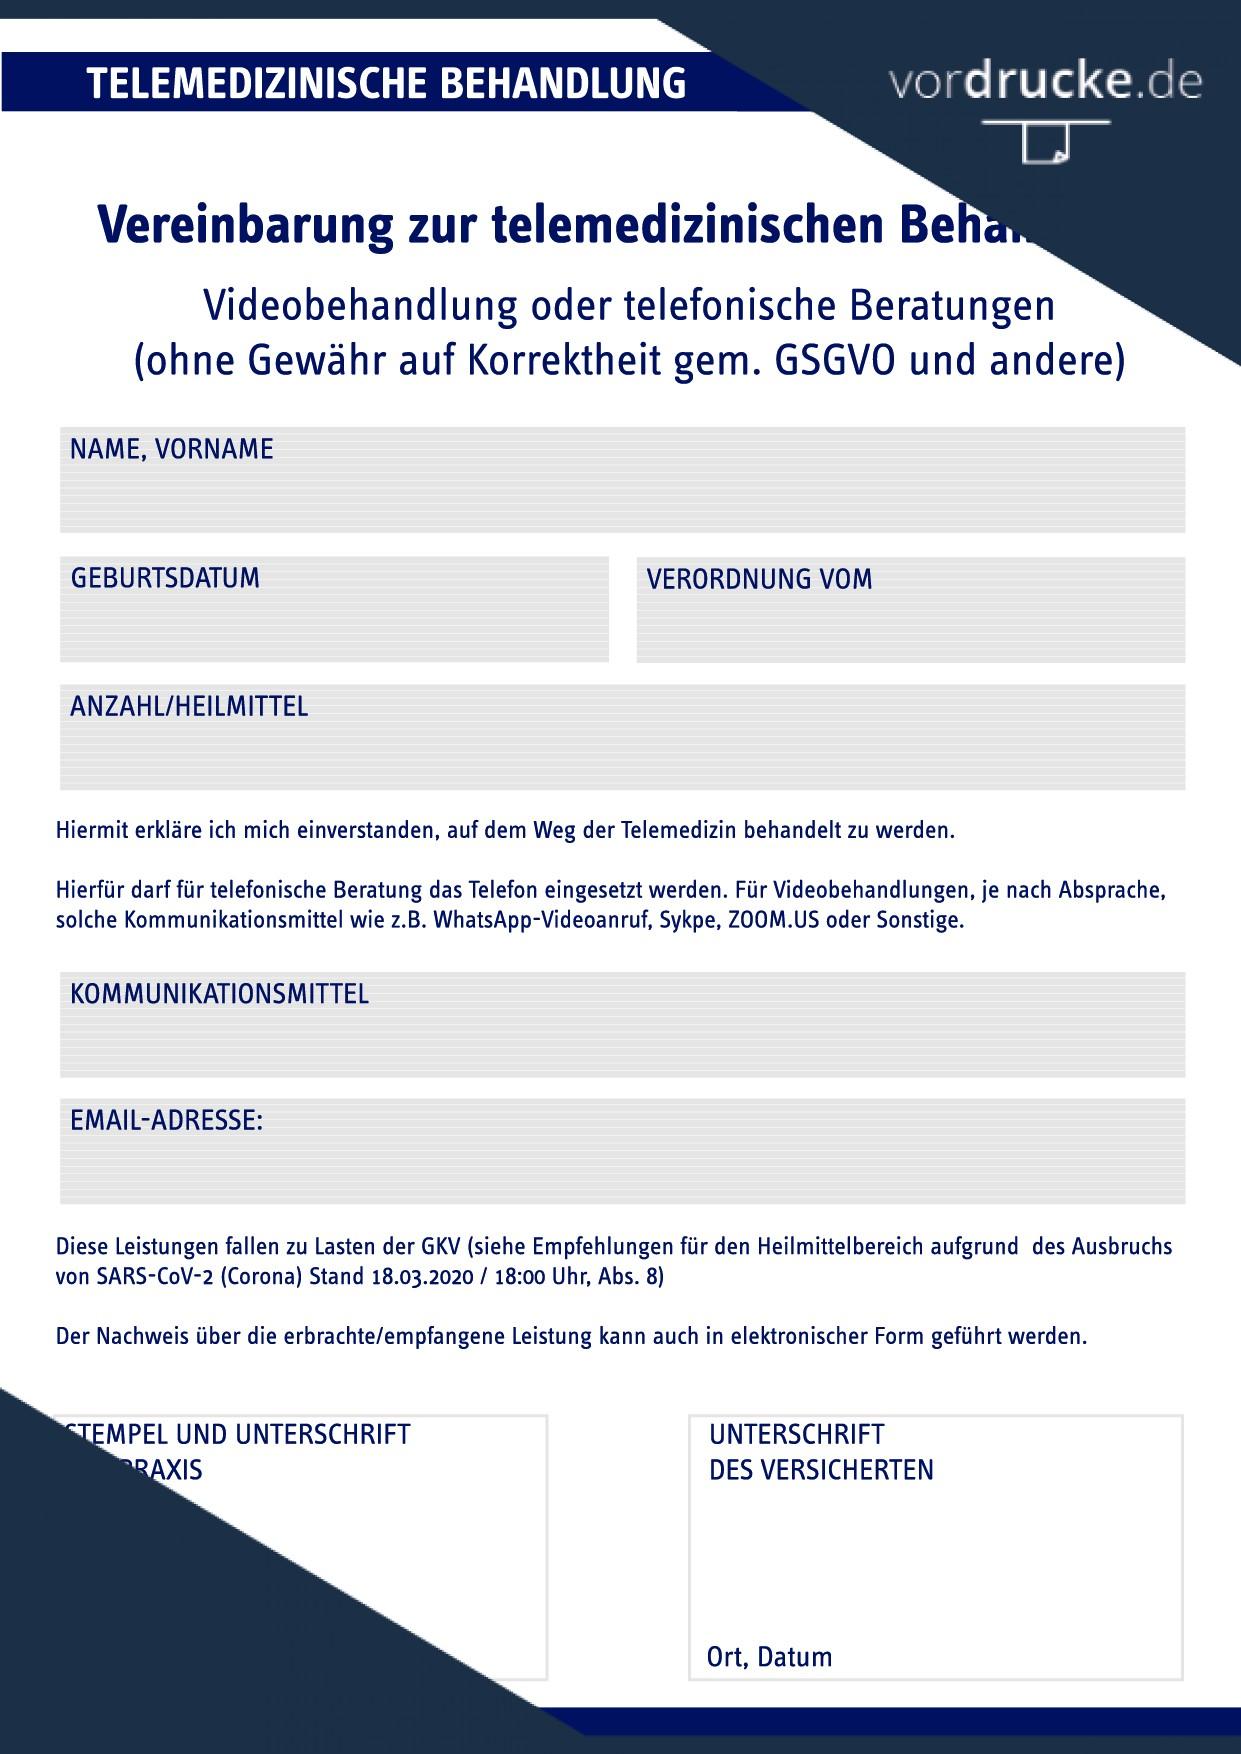 Vorlage Vereinbarung zur telemed Behandlung